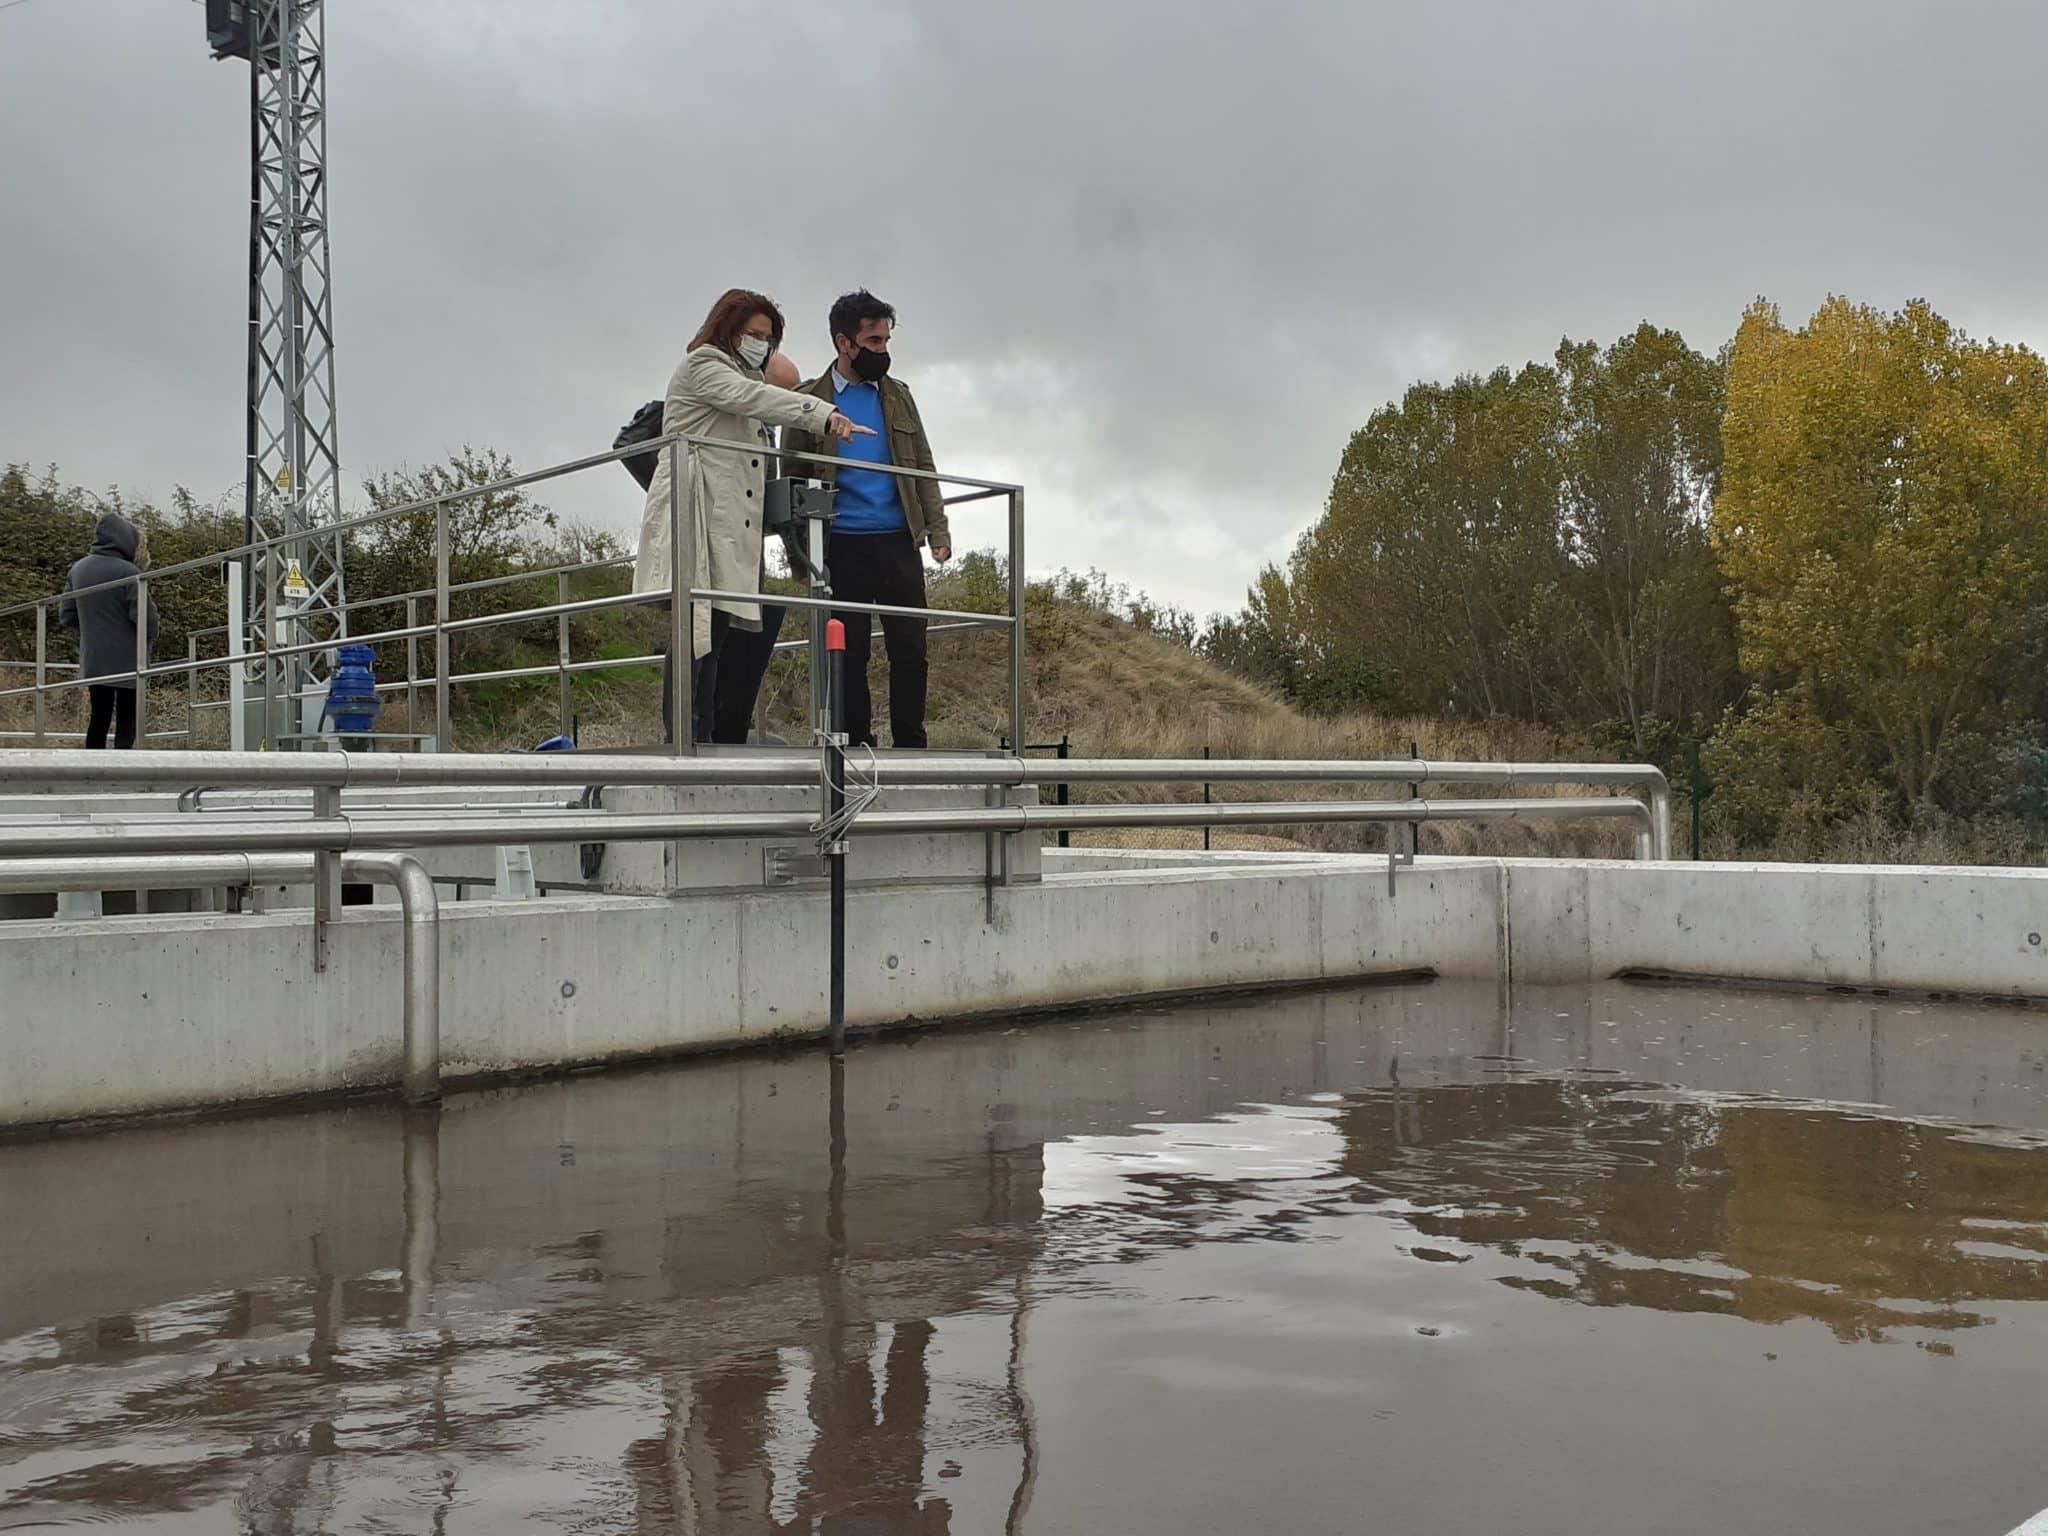 La Rioja pone en marcha dos nuevas infraestructuras hidráulicas en Tormantos y Hormilla 2